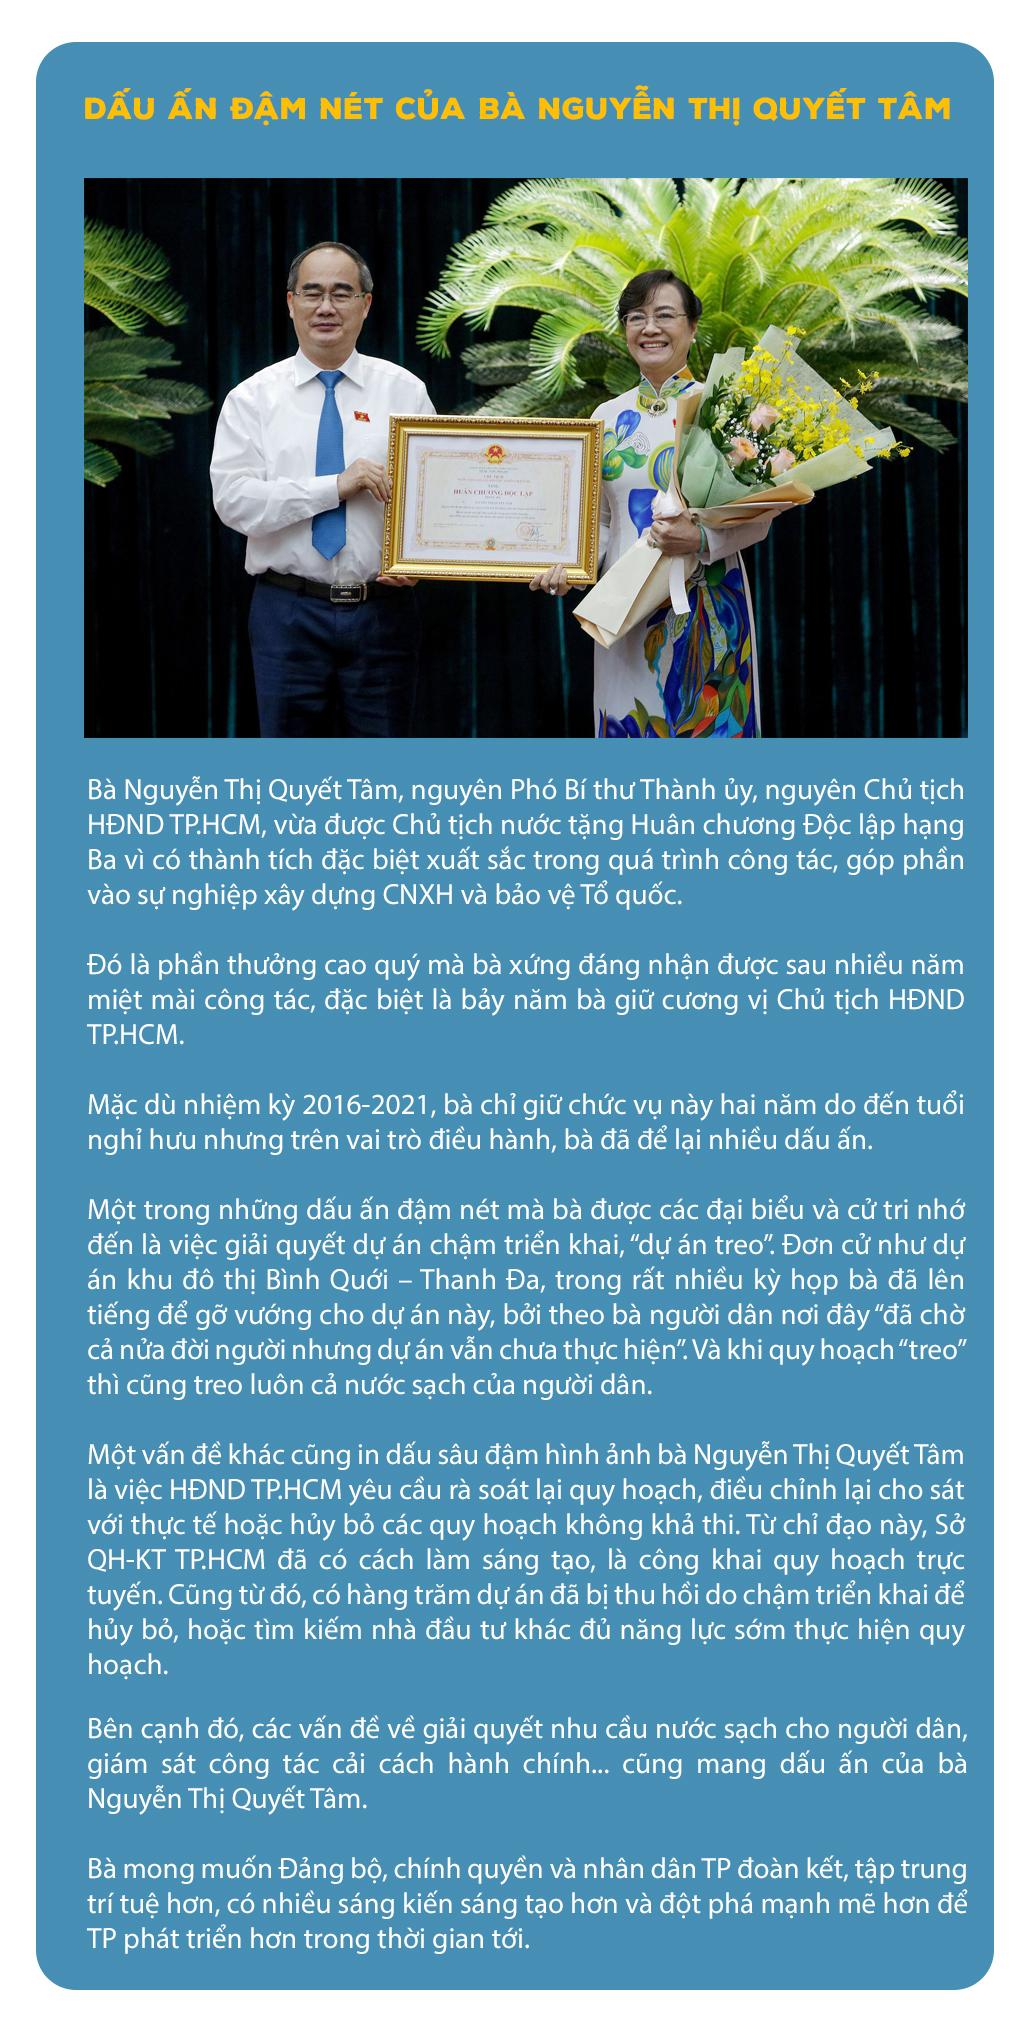 Emagazine: HĐND TP.HCM và 5 dấu ấn của nhiệm kỳ 2016-2021 - ảnh 28